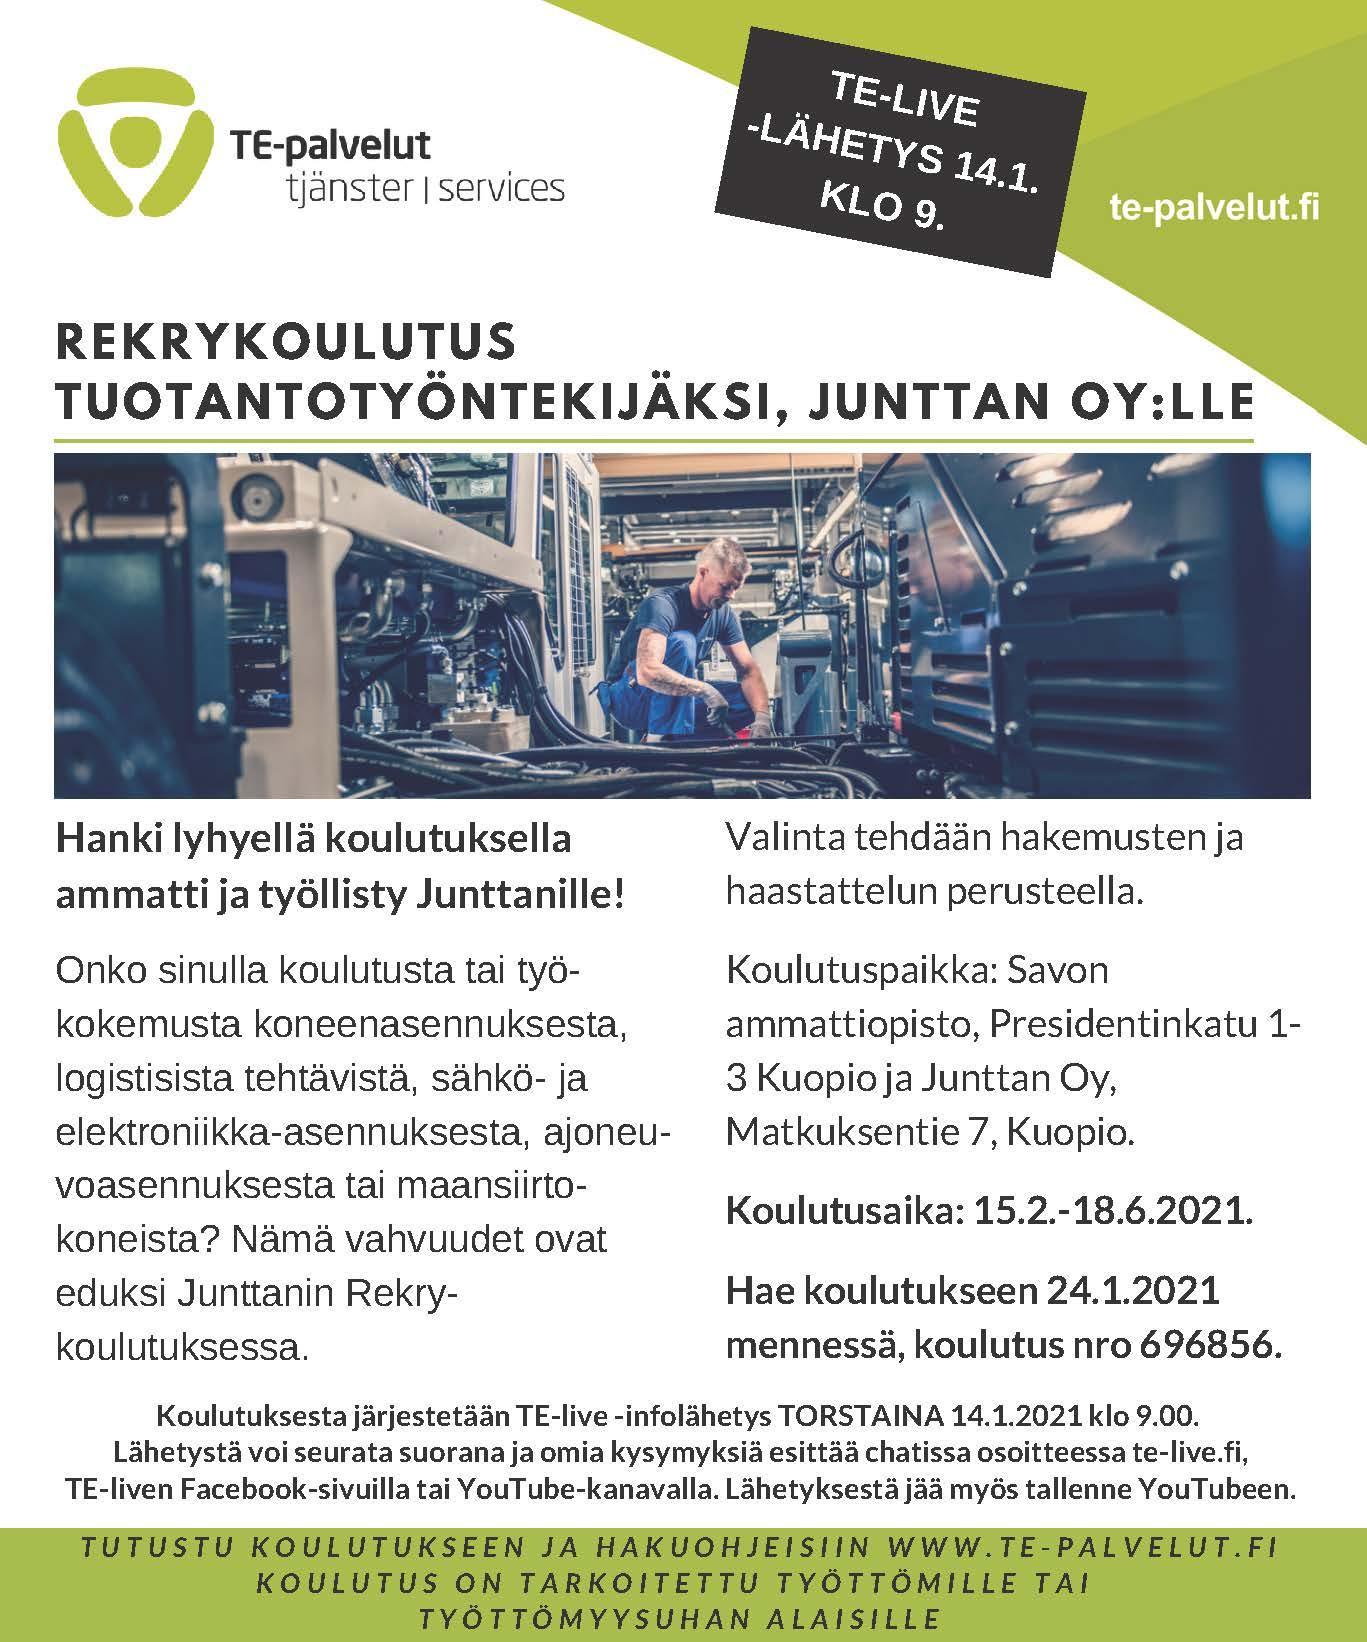 Rekrykoulutus Kuopio